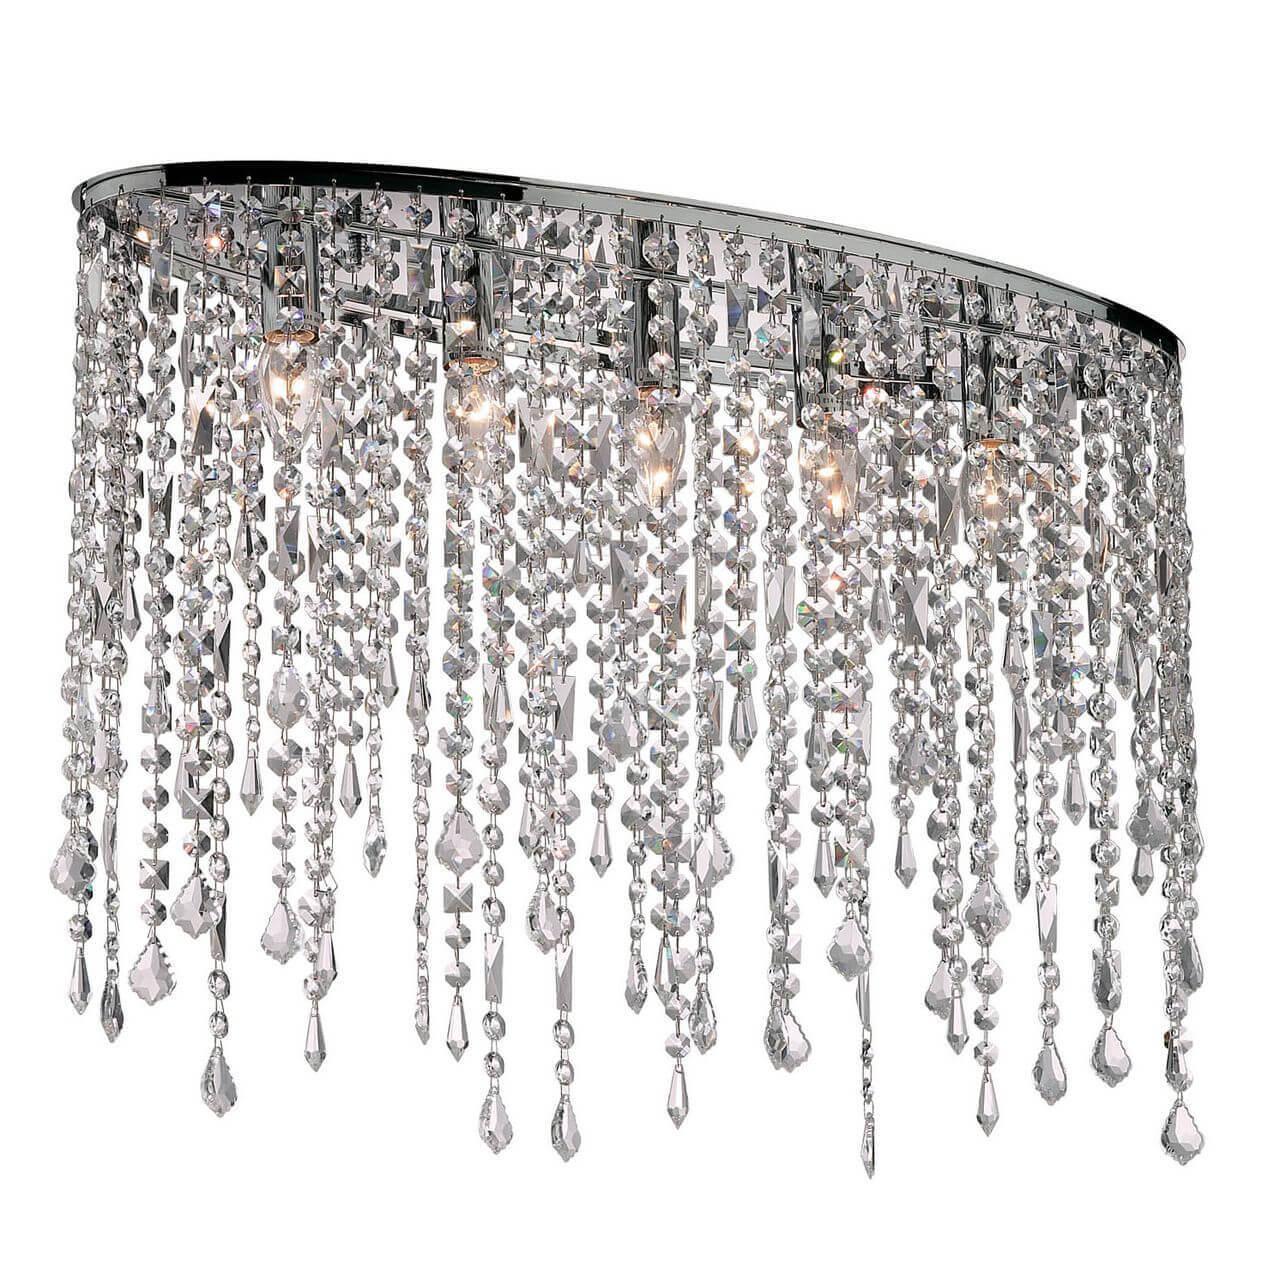 Светильник Ideal Lux Rain Pl5 Trasparente Rain стоимость